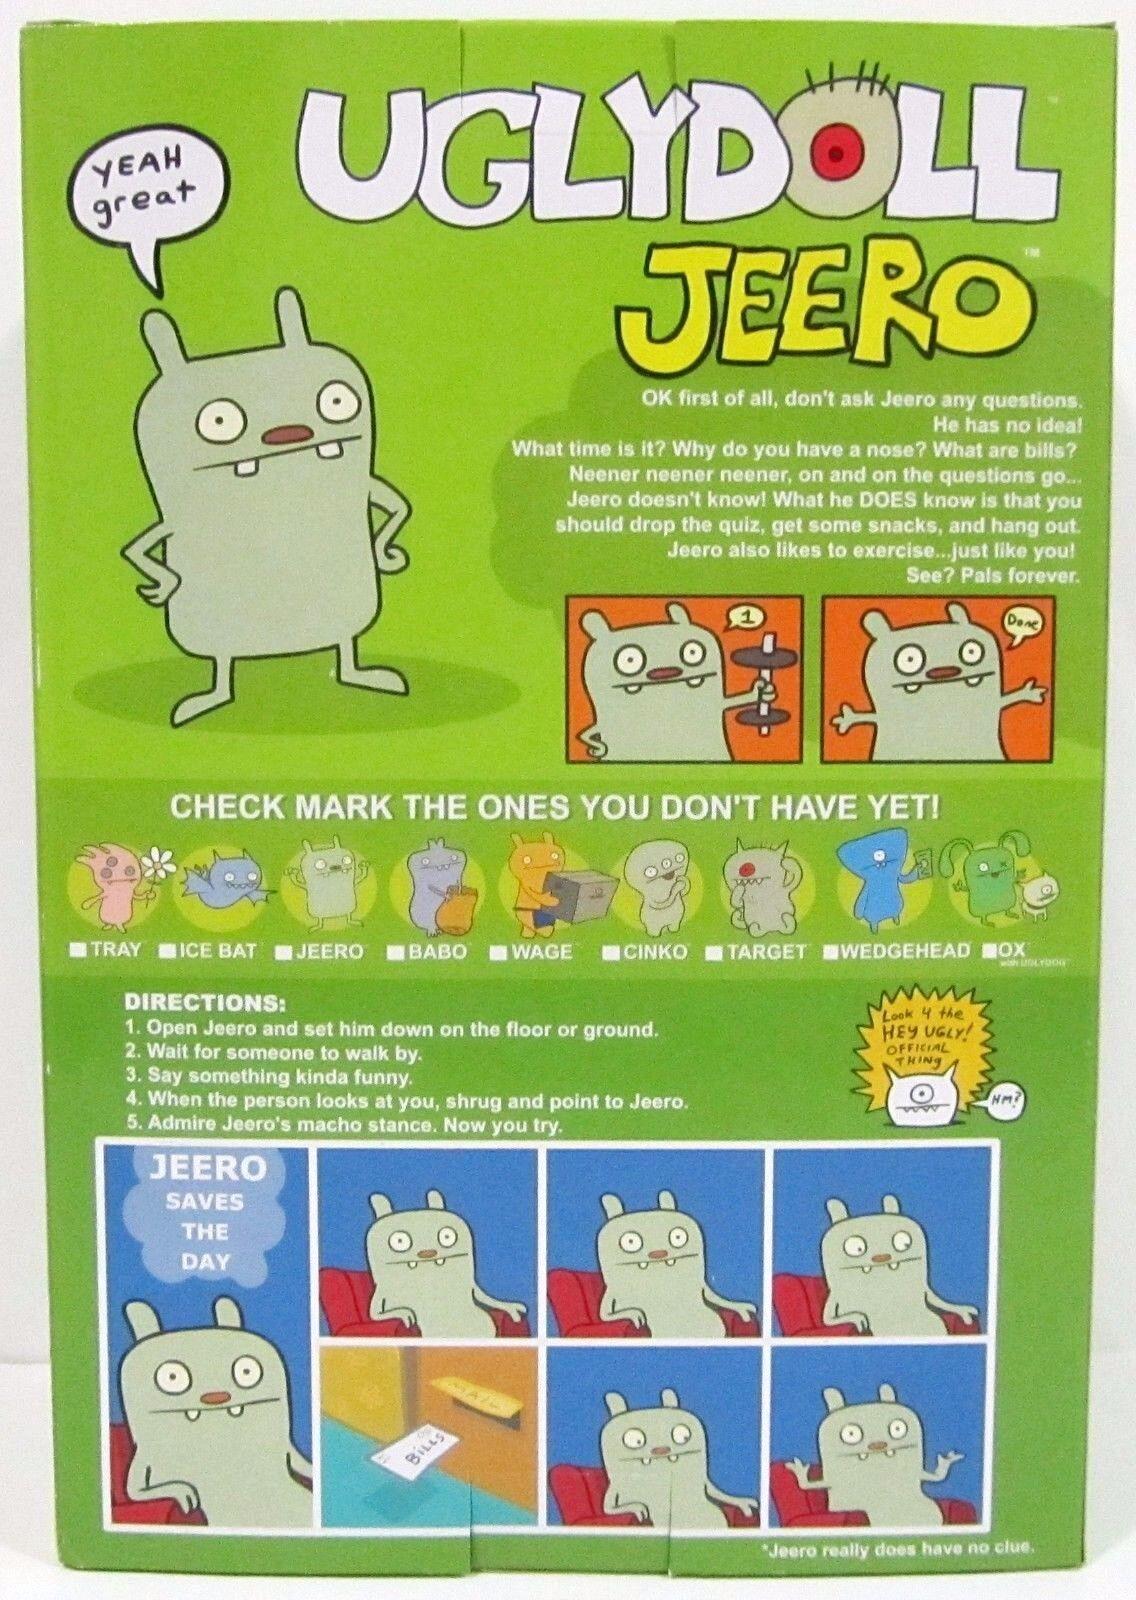 SUPER RARE  2004 Critterscatola 7    Vinyl JEERO UGLYbambola  BRe nuovo IN scatola  MUST HAVE 7fd5c0